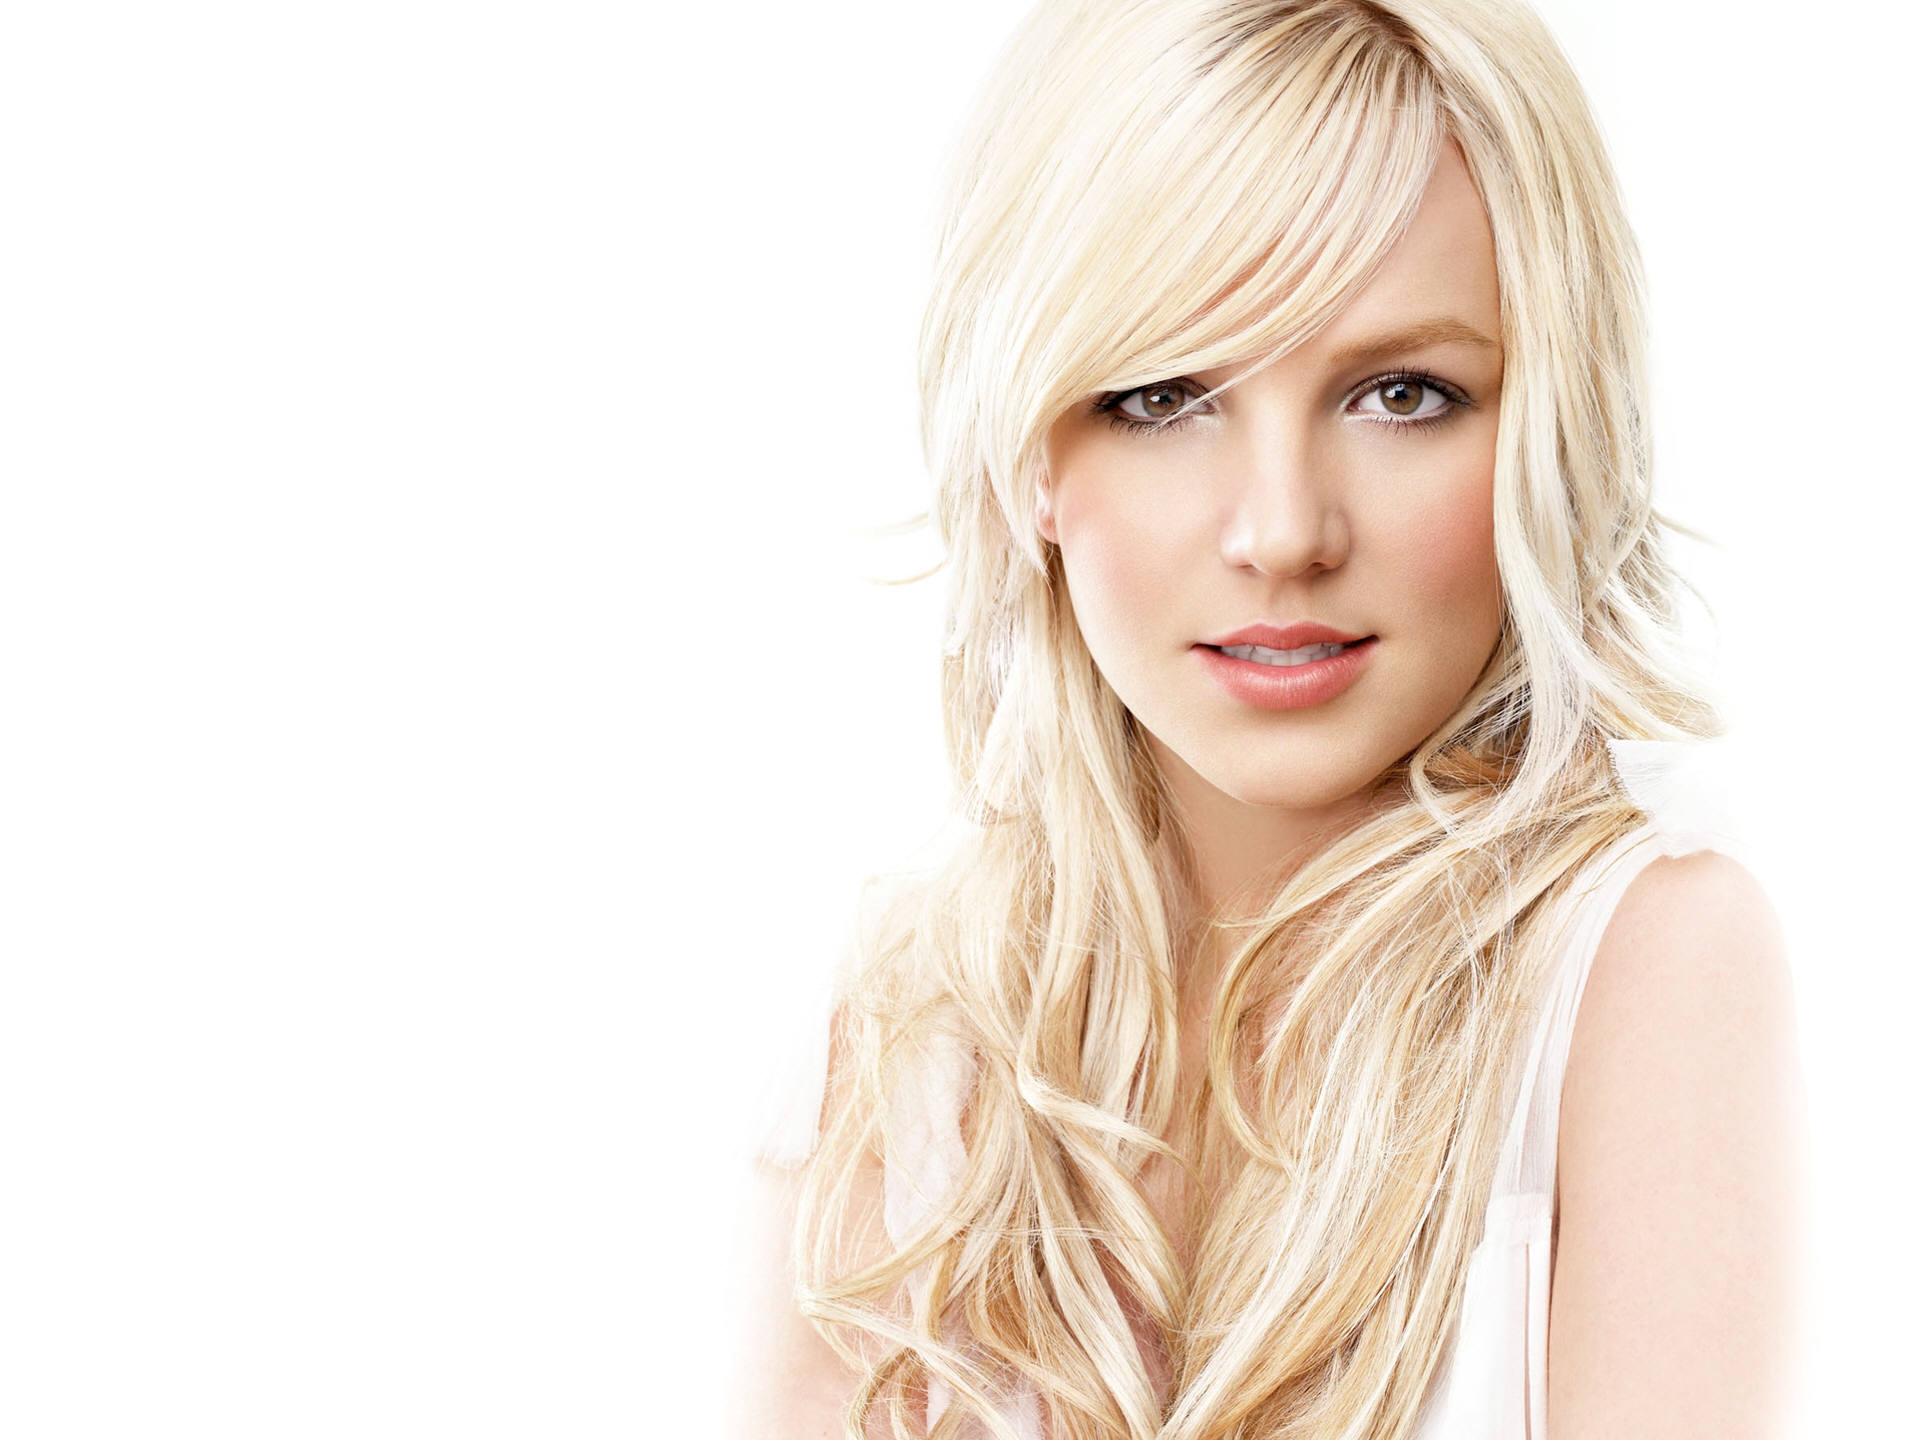 Britney Spears For Desktop